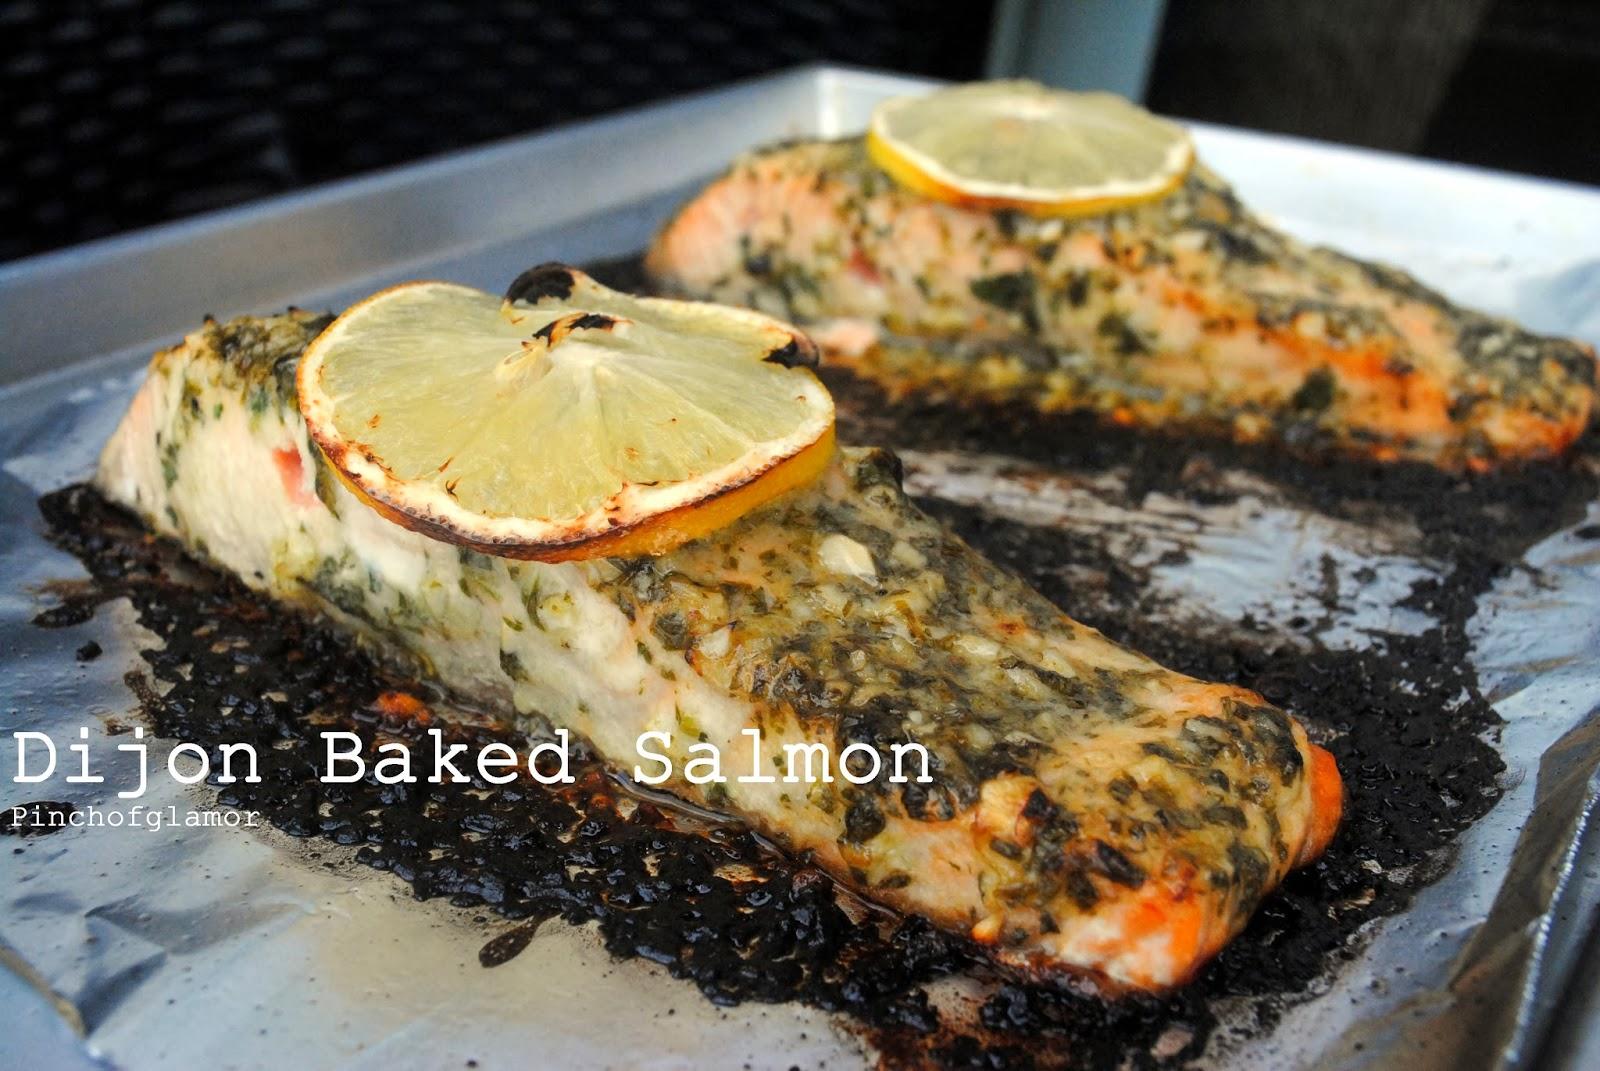 Pinchofglamor: Dijon Baked Salmon